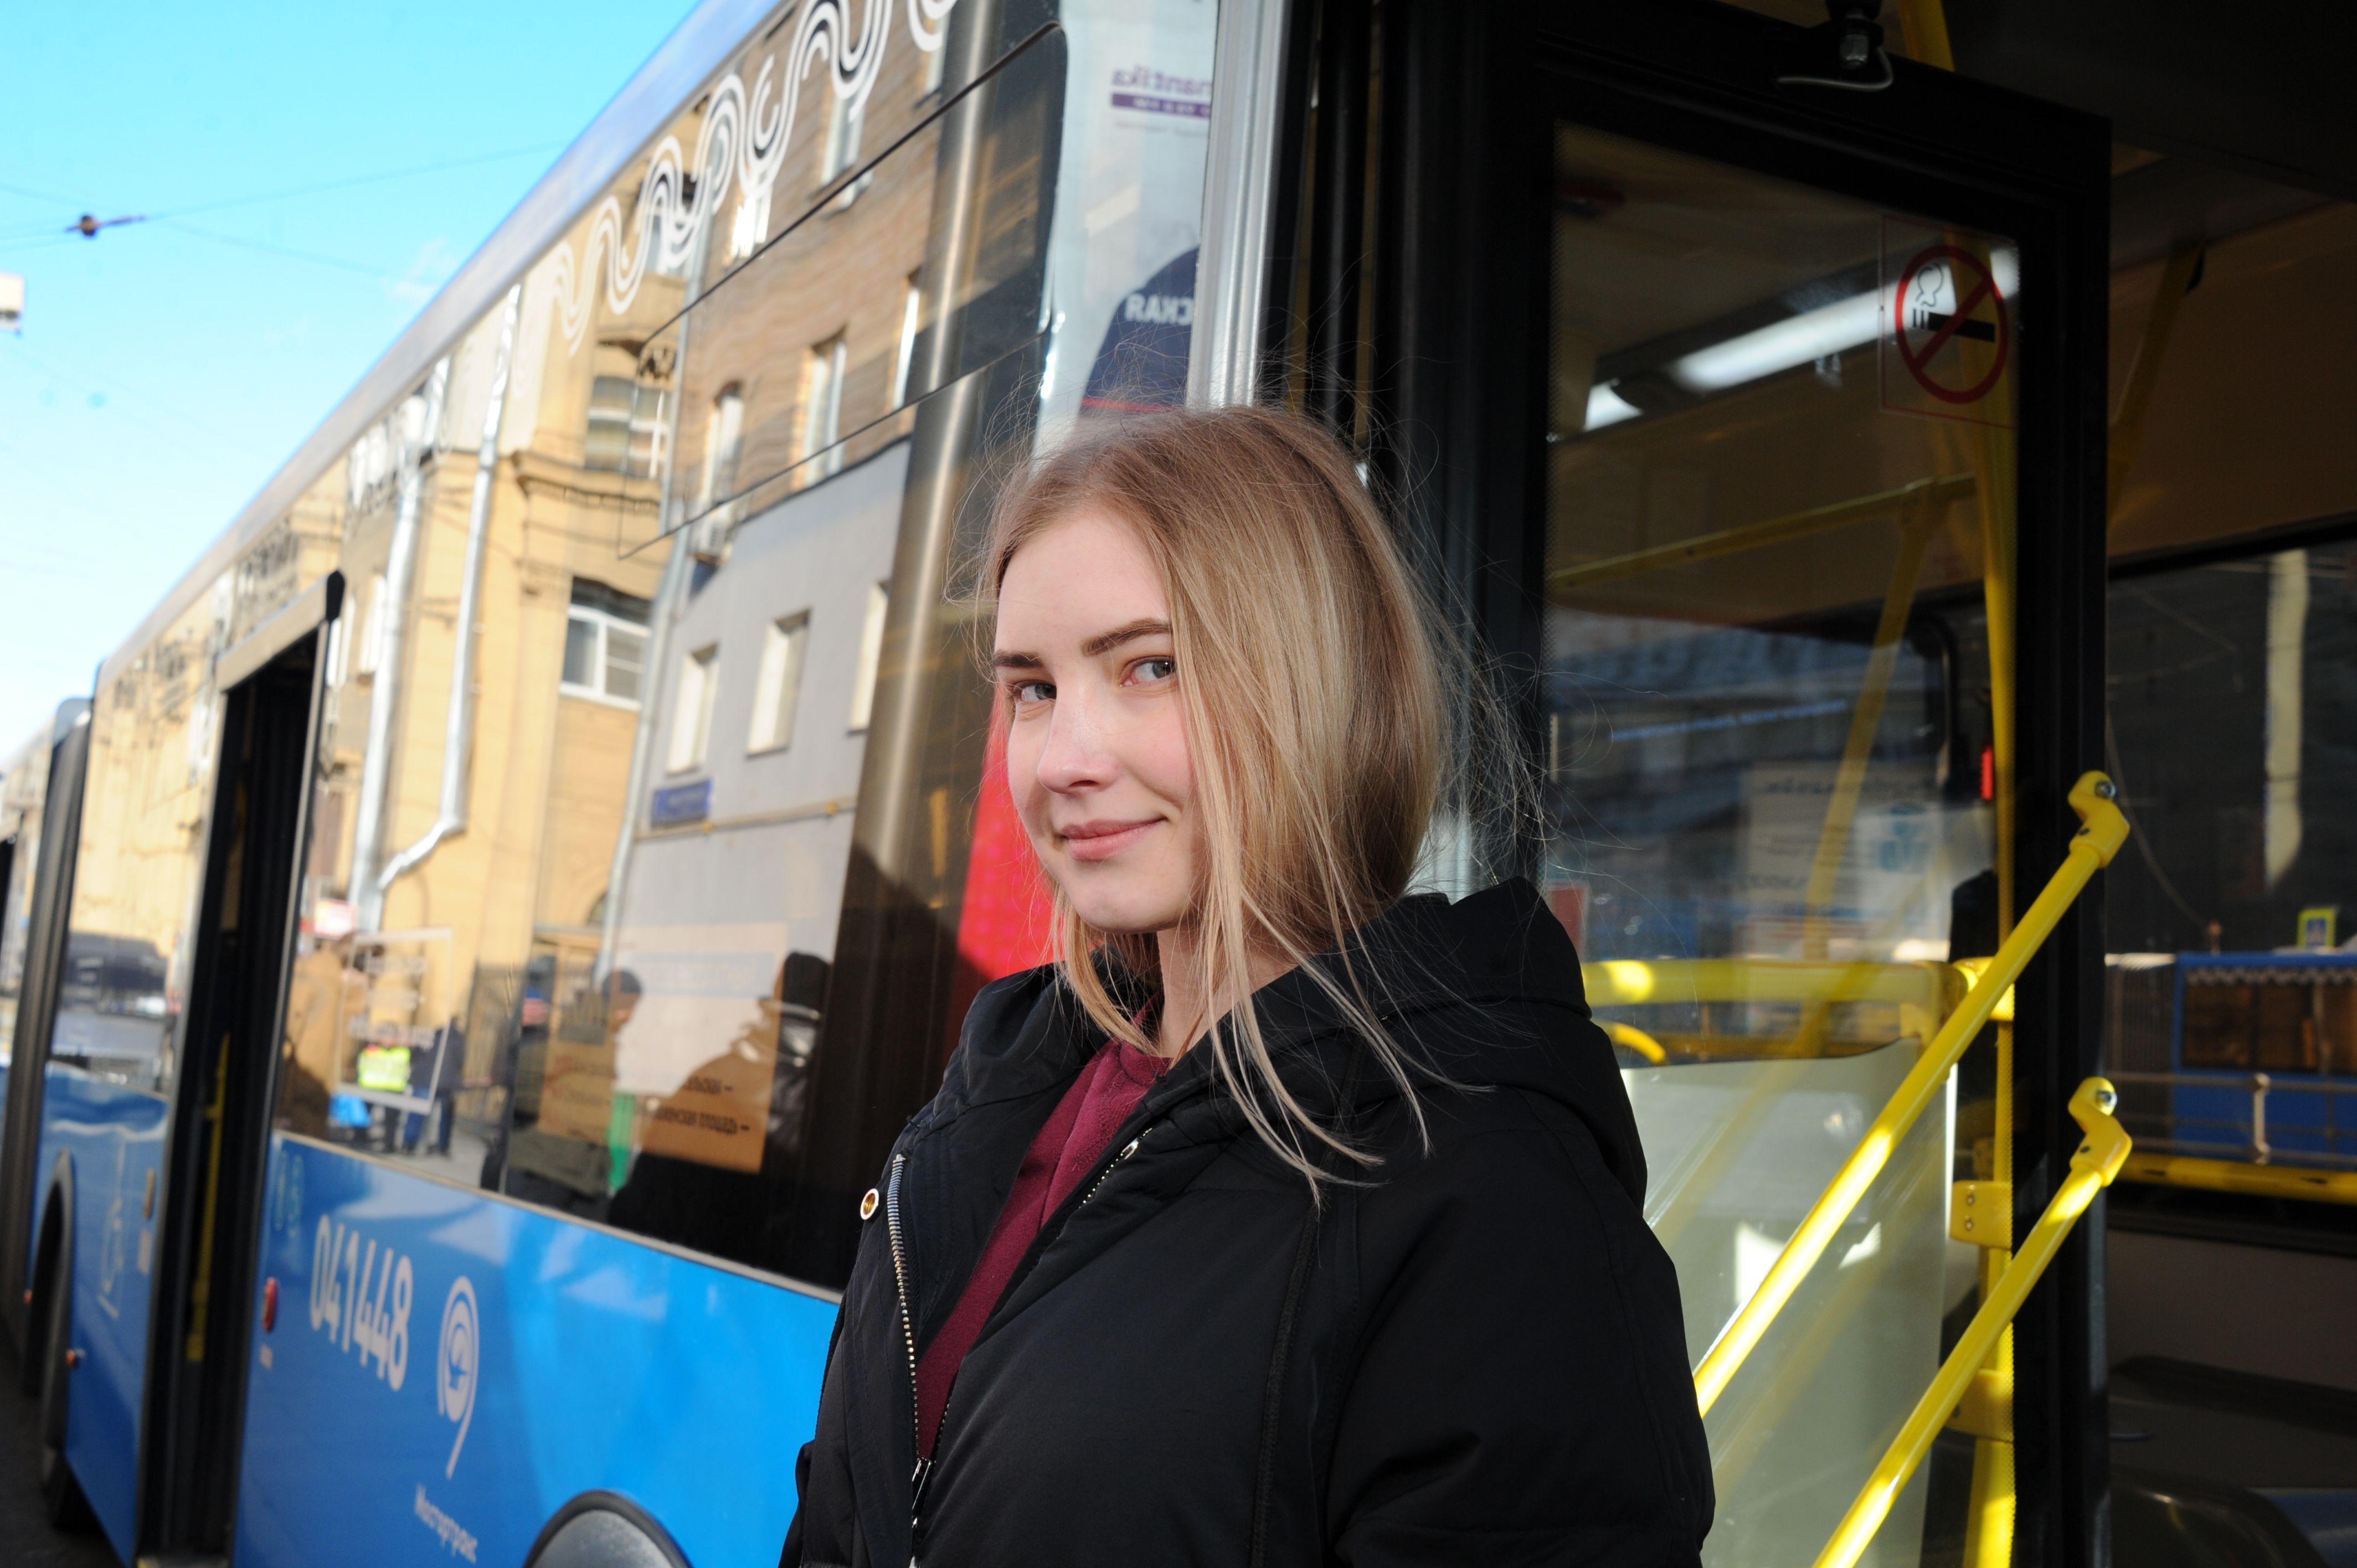 Пассажиропоток 13 автобусных маршрутов в Новой Москве достиг миллиона